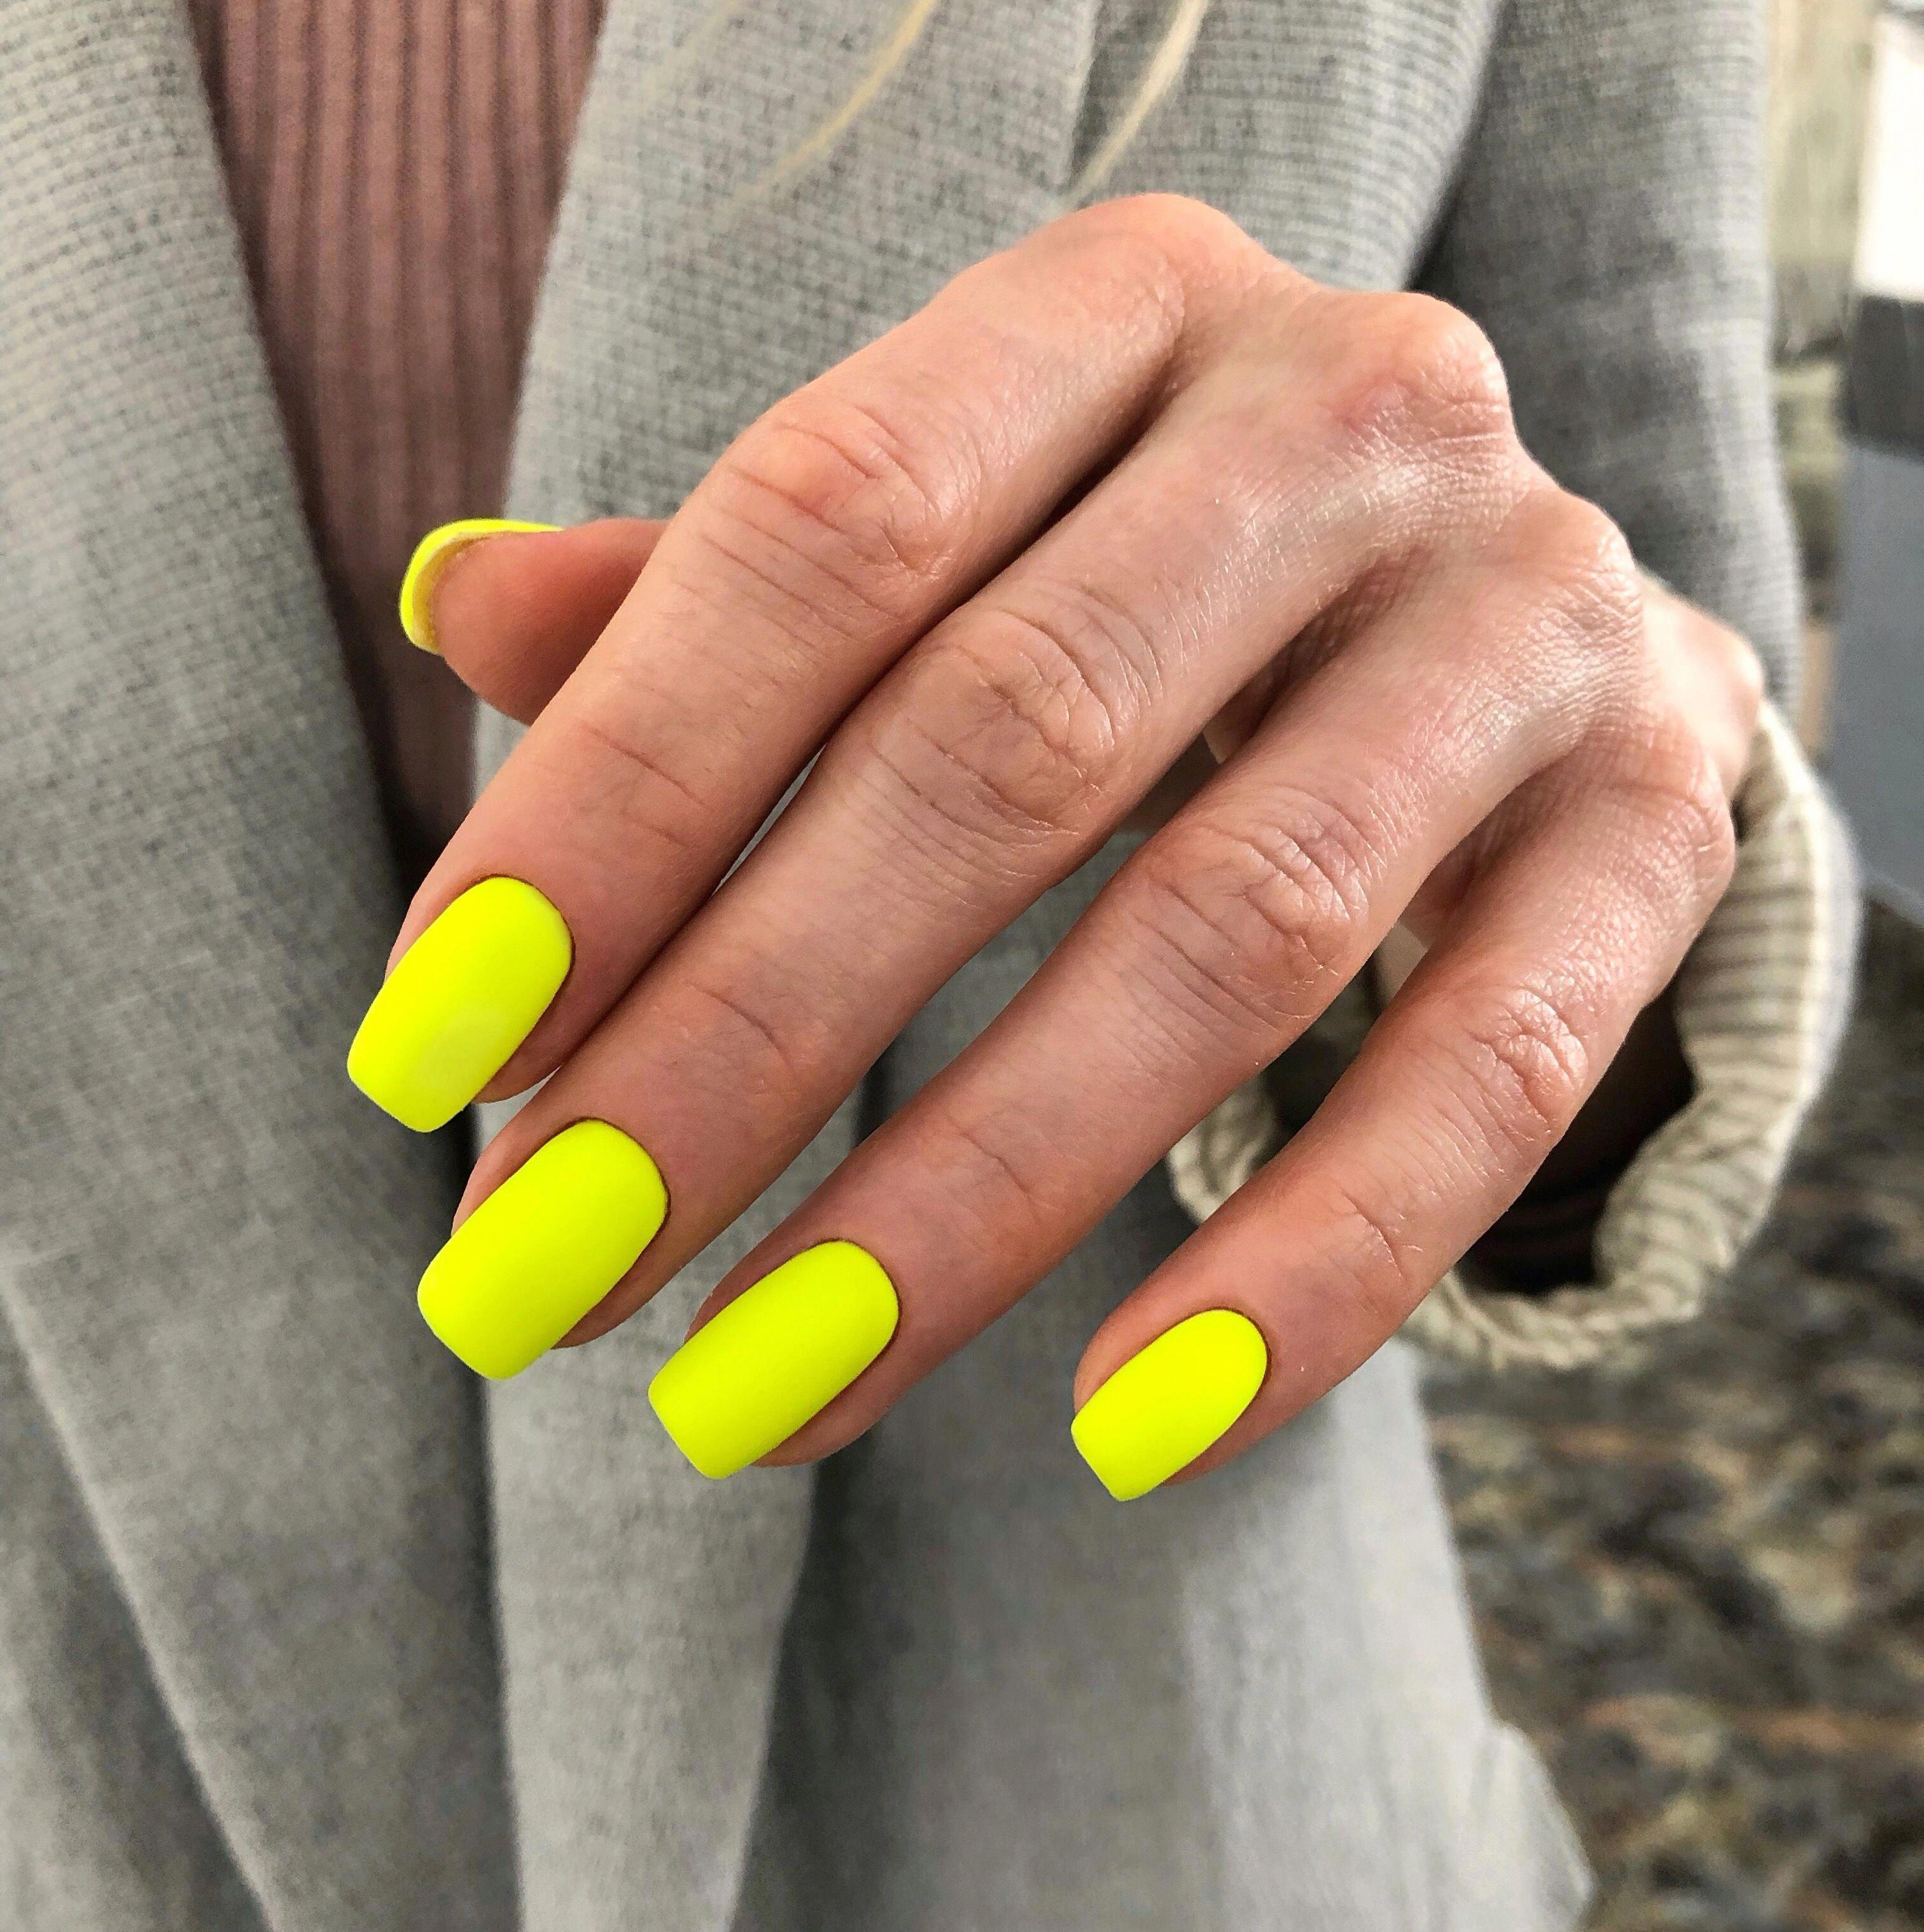 Zheltyj Neon Nogti Manikyur Neon Yarkij Cvet Yellownails V 2020 G